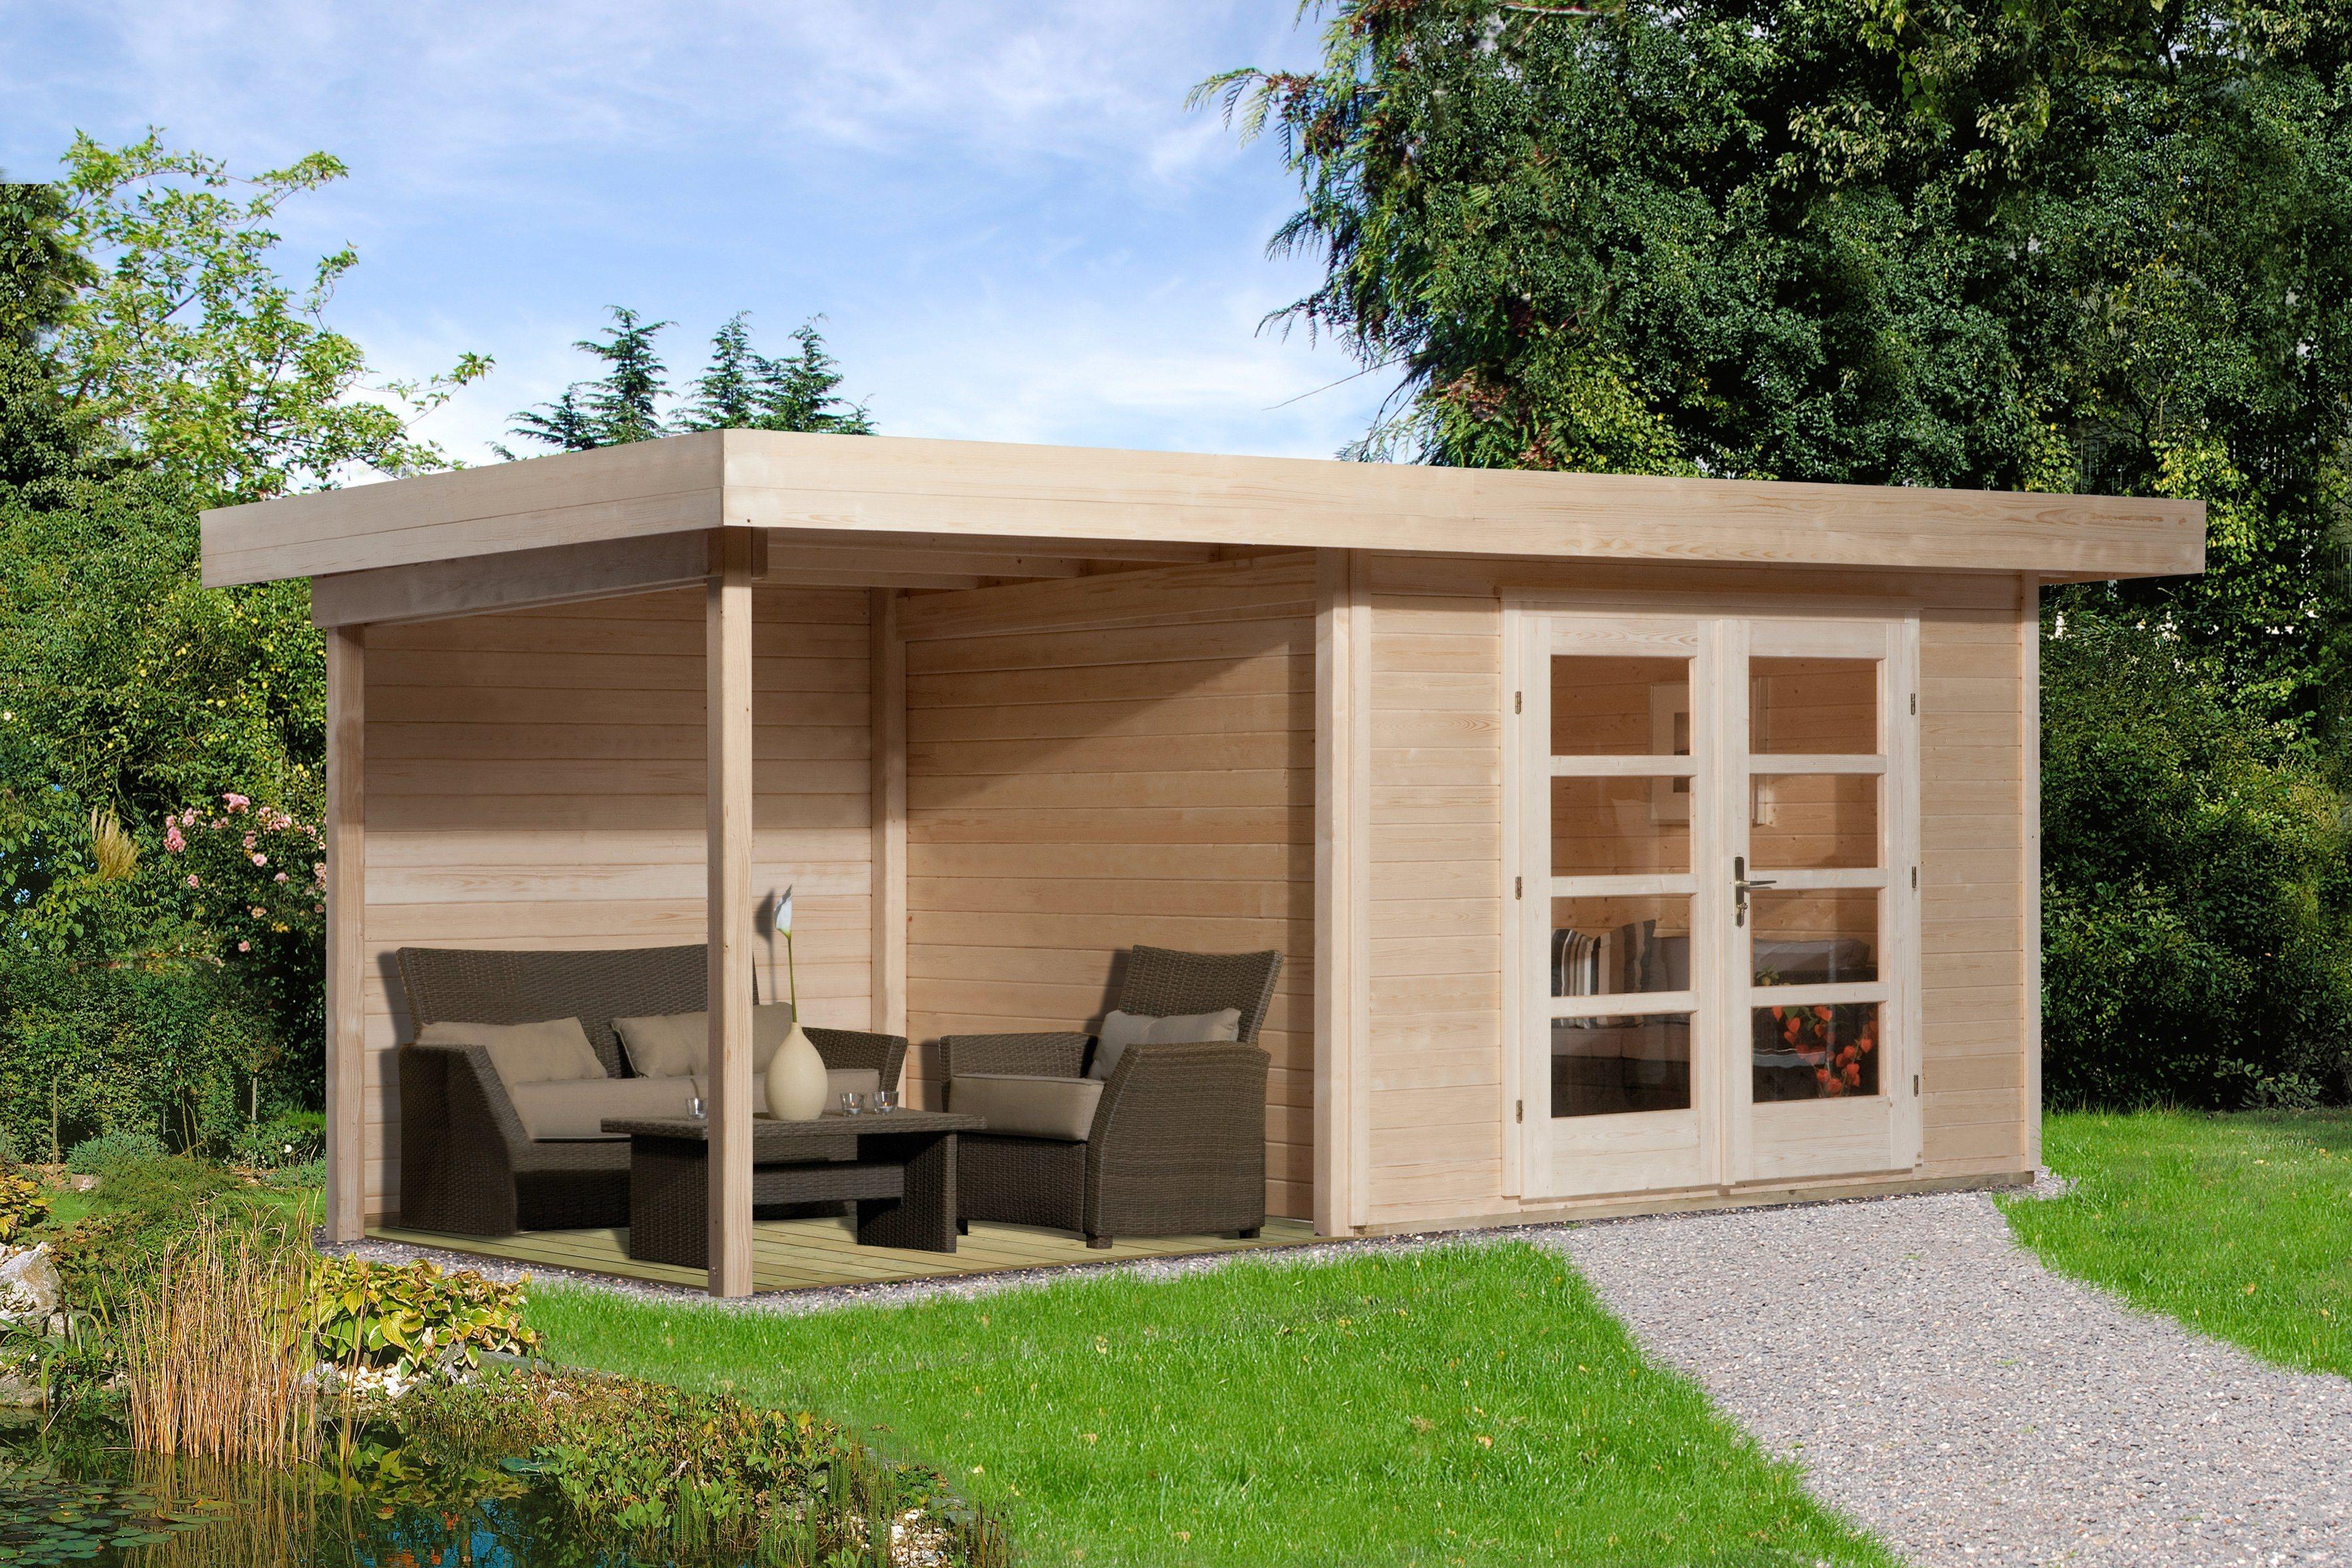 WEKA Set: Gartenhaus »Chill-Out Gr.3«, BxT: 585x375 cm, inkl. Anbaudach und Fußboden | Garten > Gartenhäuser | weka